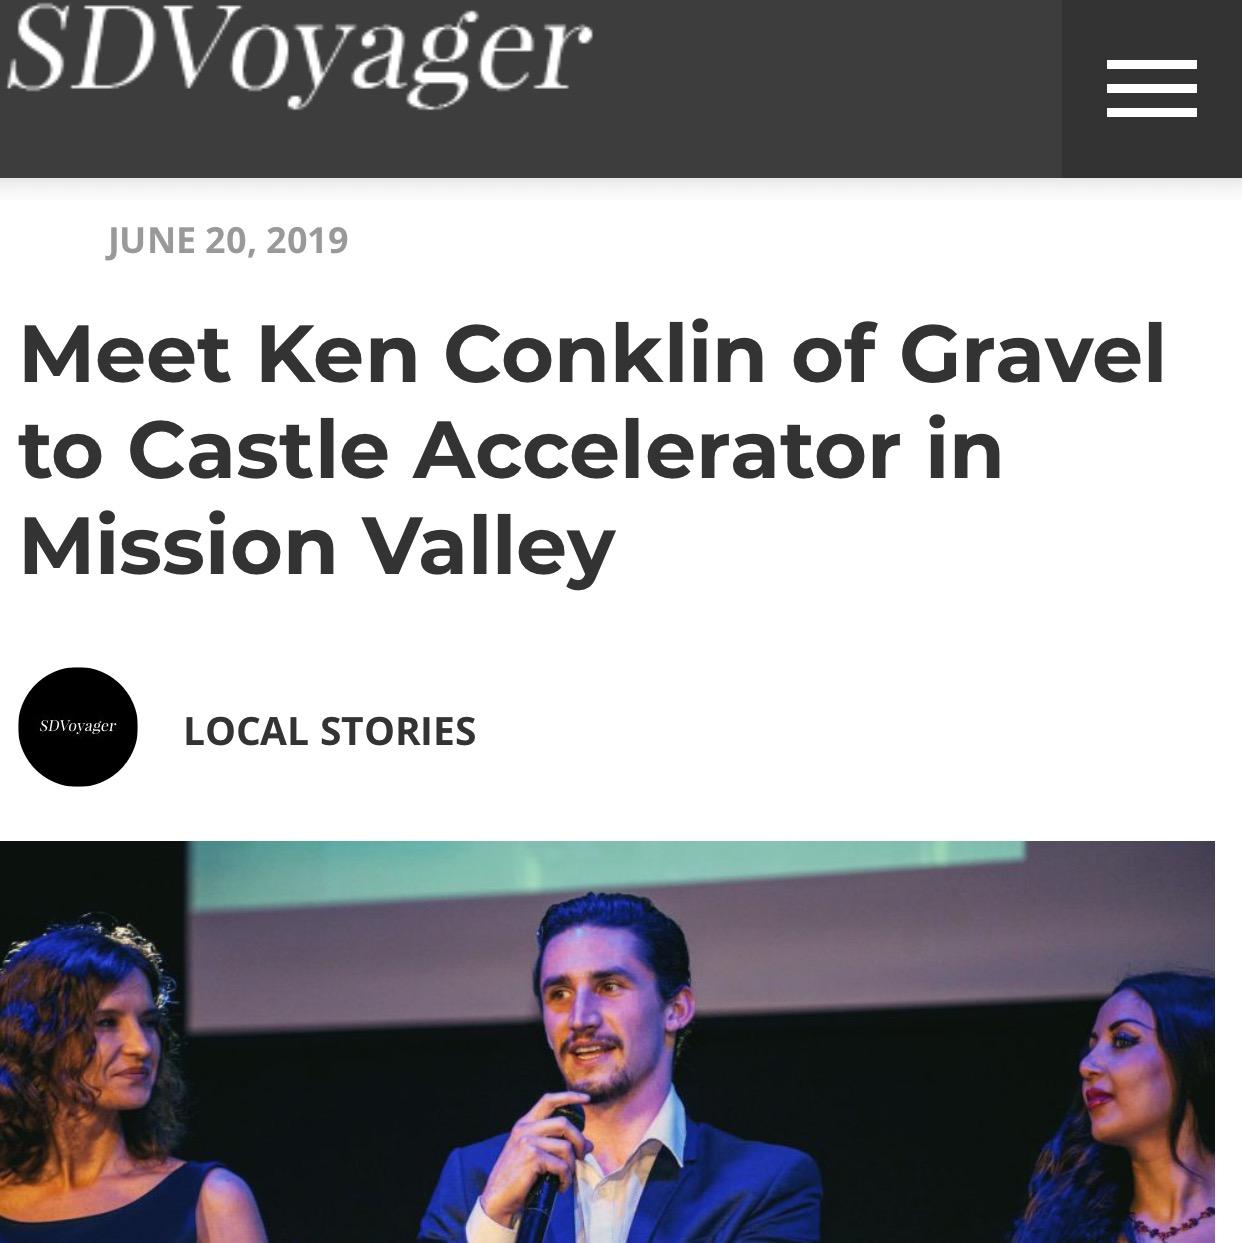 Ken Conklin Gravel to Castle Accelerator